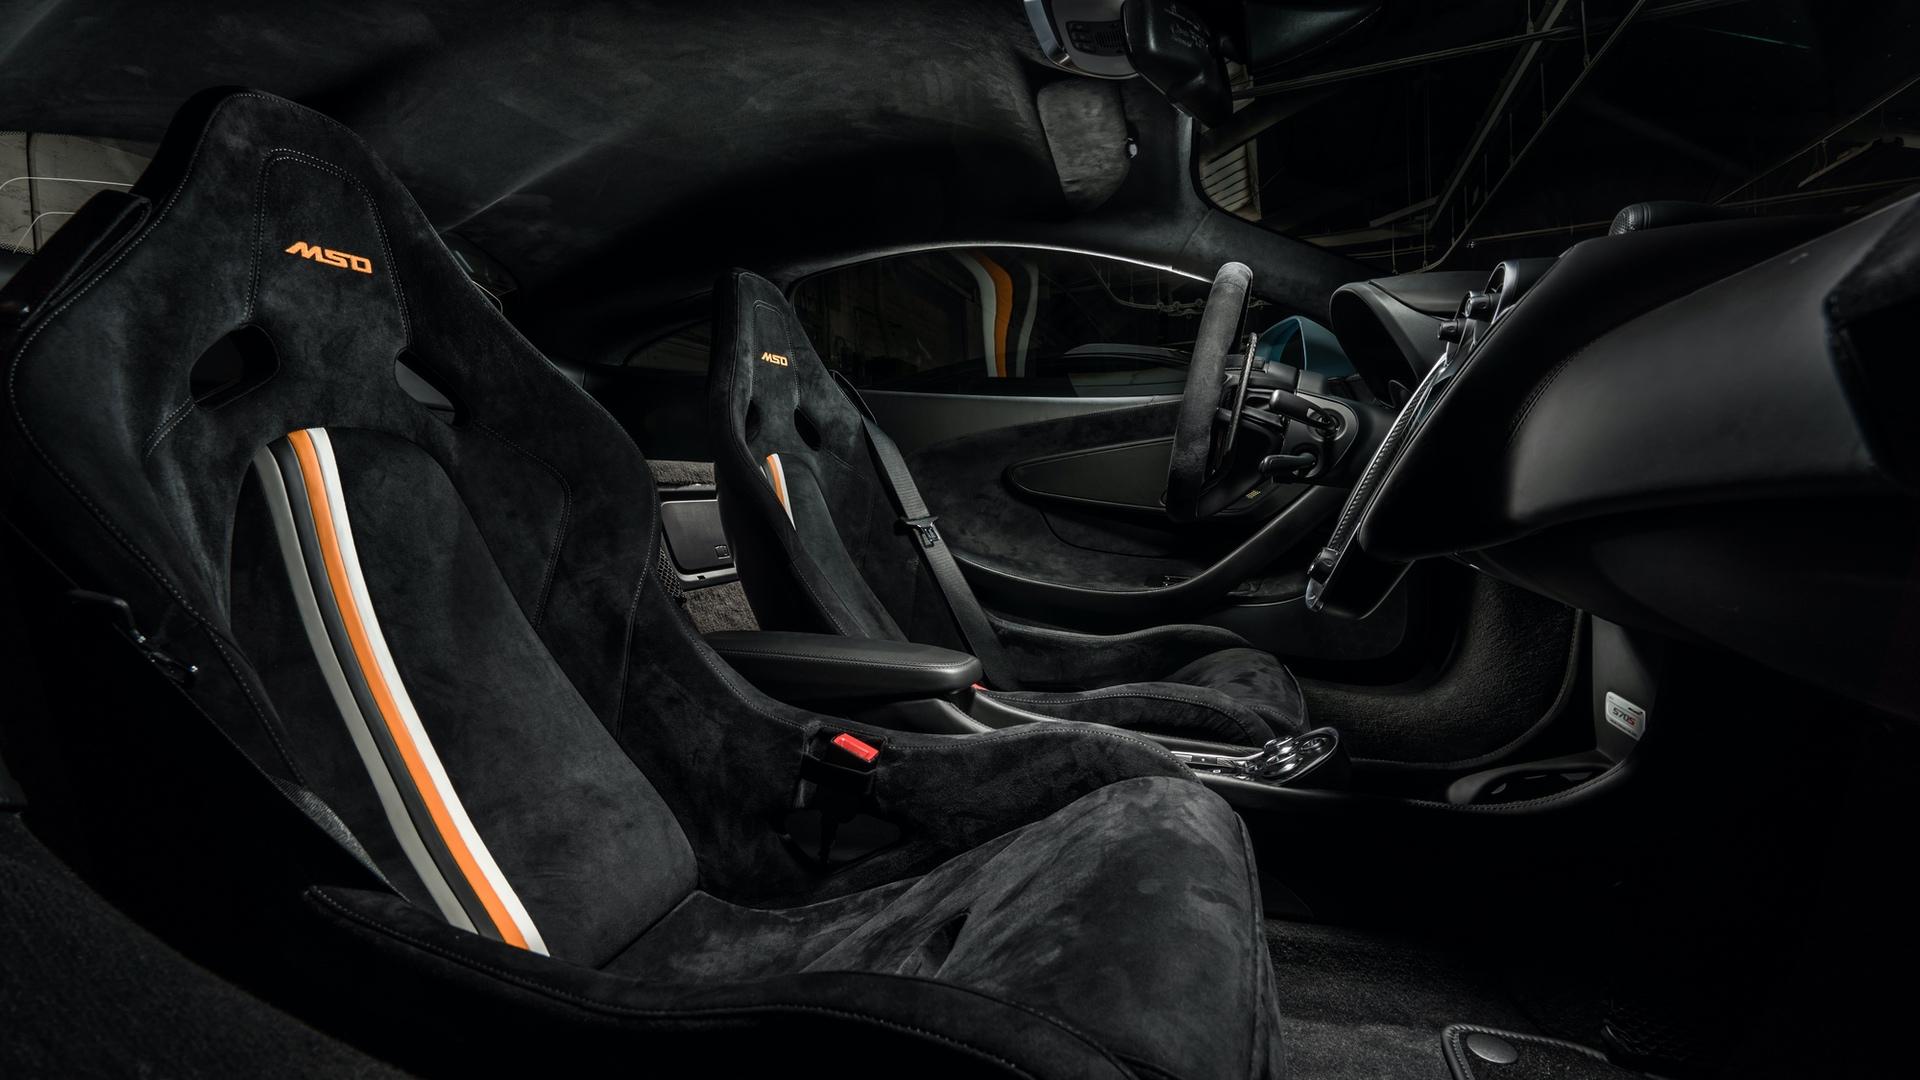 McLaren MSO RTTA 570s-5